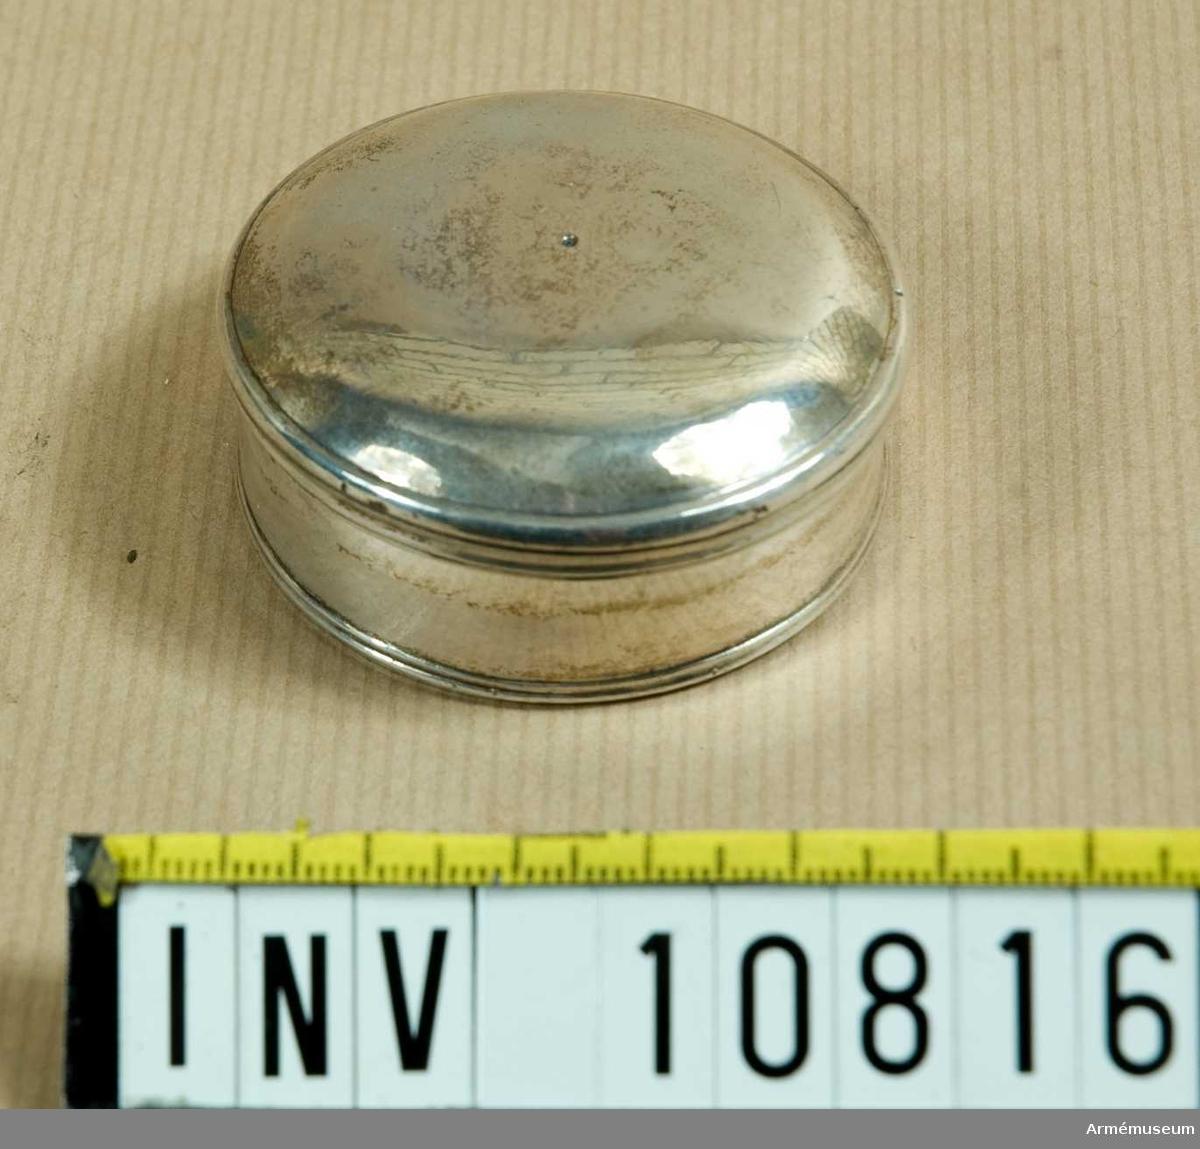 """Grupp B II. Rund oblatask av silver 4 3/8 lod. För sjukbesök och för  Kungliga Artilleriregementet. Tillverkad år 1735 i Stockholm.Förvarades P 2 1974.1991-03-08 rengjord med """"guldtvätt"""" (AM:s recept) bestående av  såpa 125 g, sprit 95 % denaturerad 115 g, ammoniak 5 mol/l 230  g, oxalsyra 35 g, vatten renat 1300 g. Därefter väl sköljd.  Sedan lätt putsad med Duraglit / Kjell Hedberg & Göran  Askebrandt."""